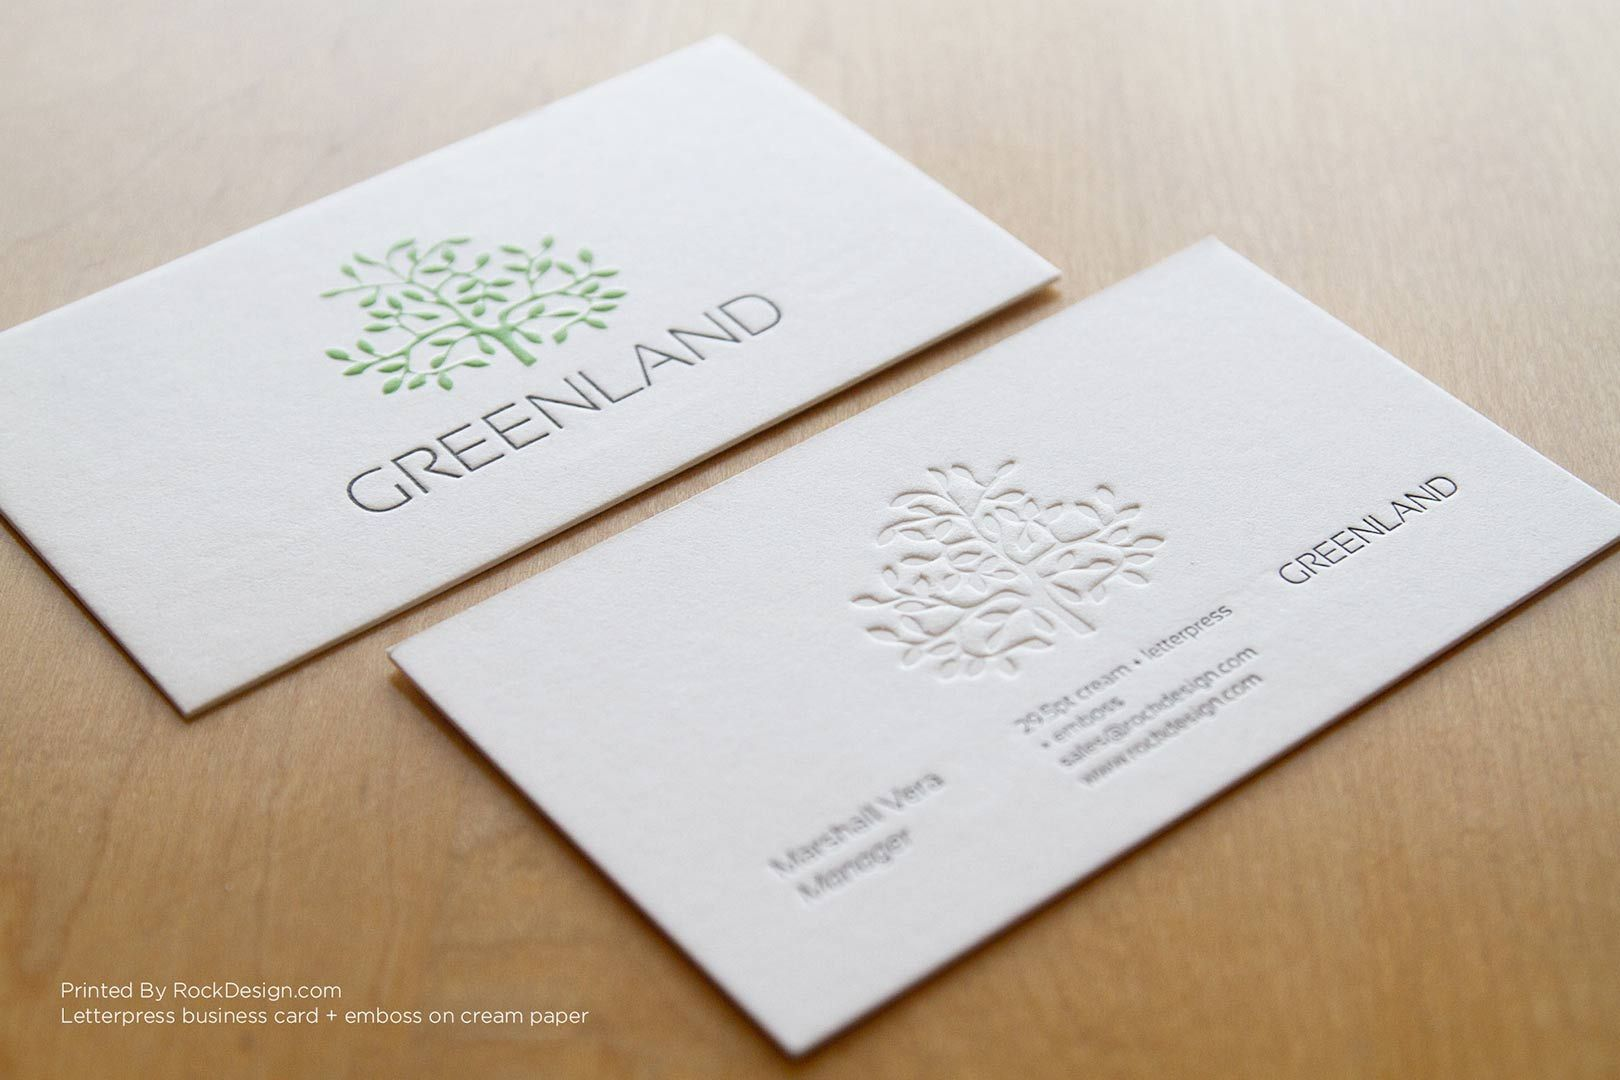 Letterpress name cards design 2 business cards real estate letterpress name cards design 2 business cards real estate pinterest letterpresses business cards and luxury business cards reheart Images